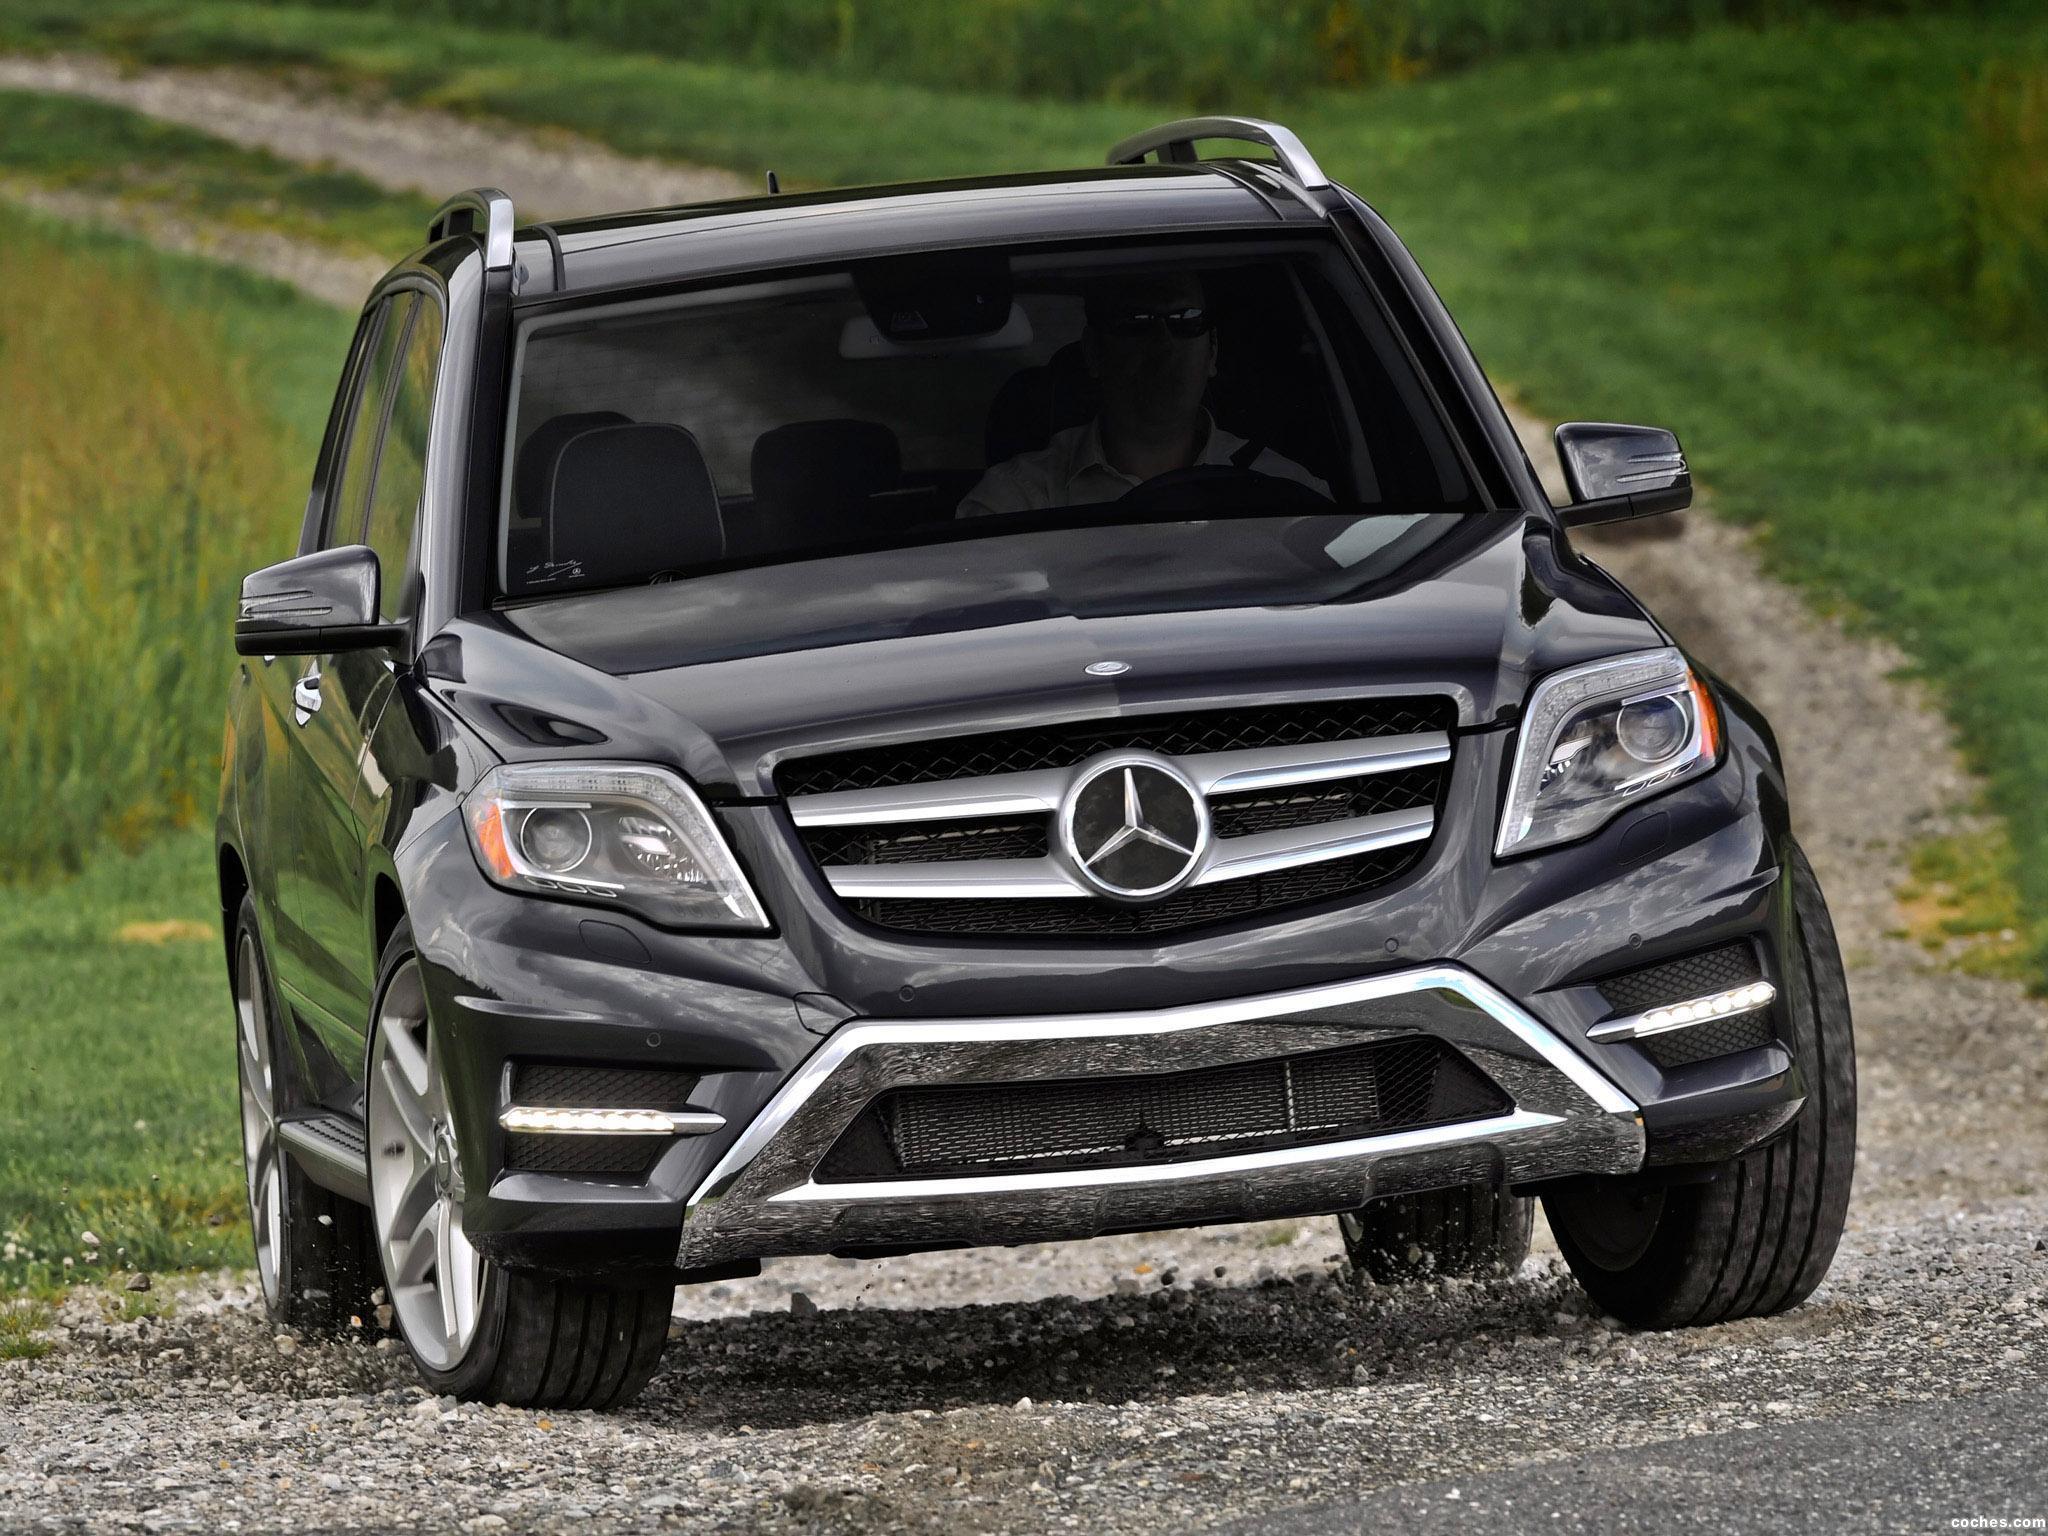 Foto 0 de Mercedes Clase GLK 350 USA X204 2012